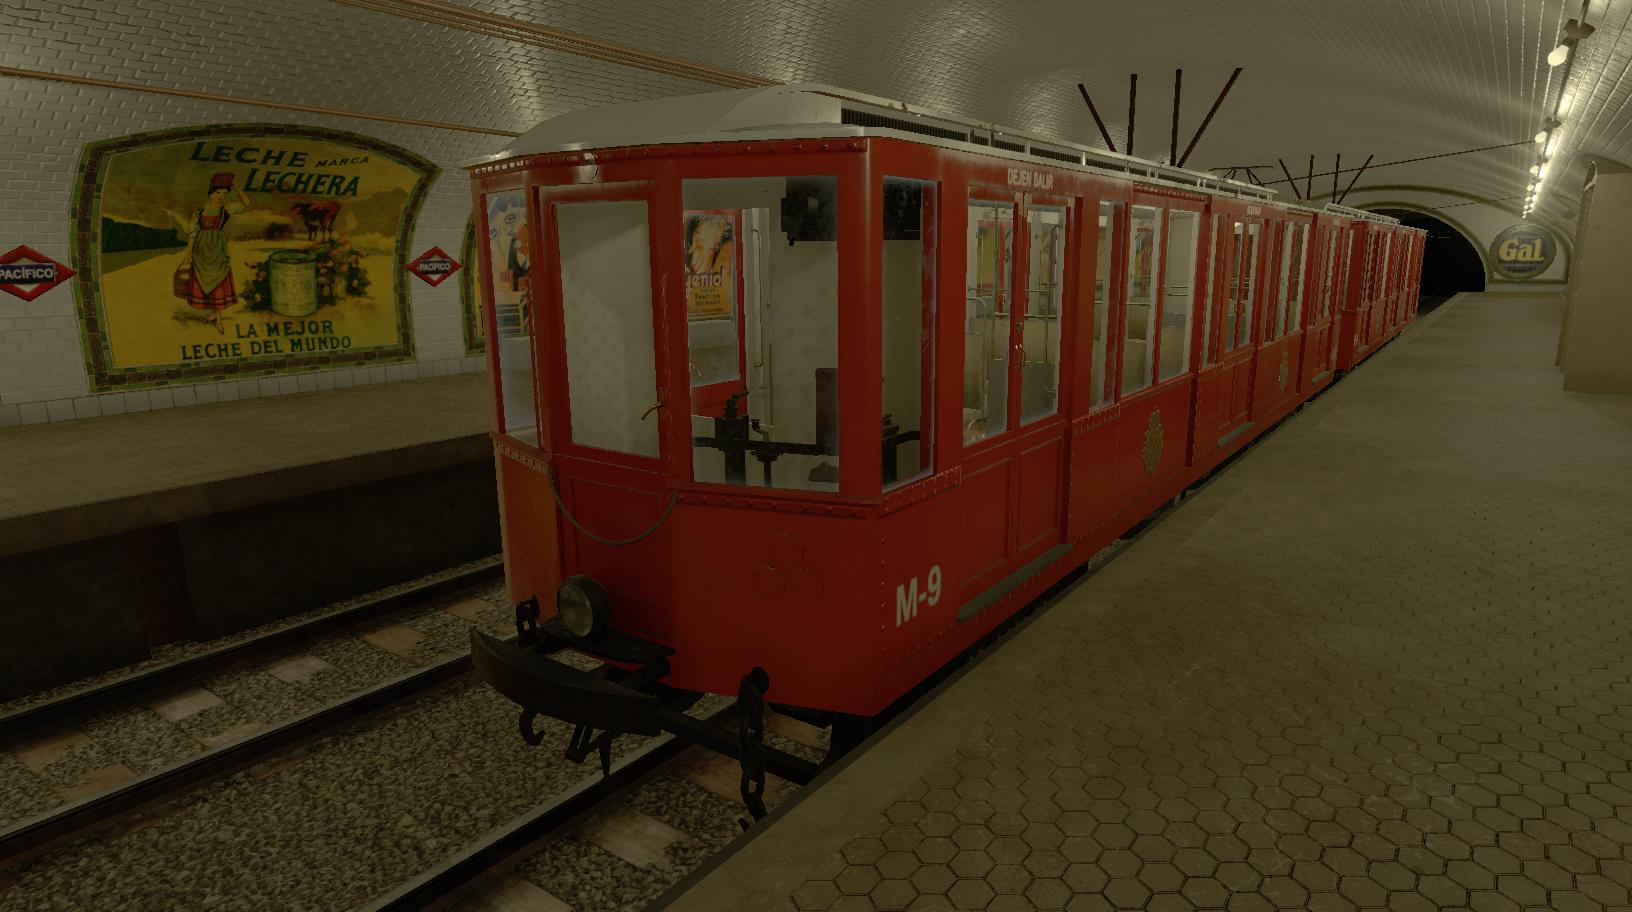 Simulación trenes clásicos para Metro Madrid - M9 Cochera